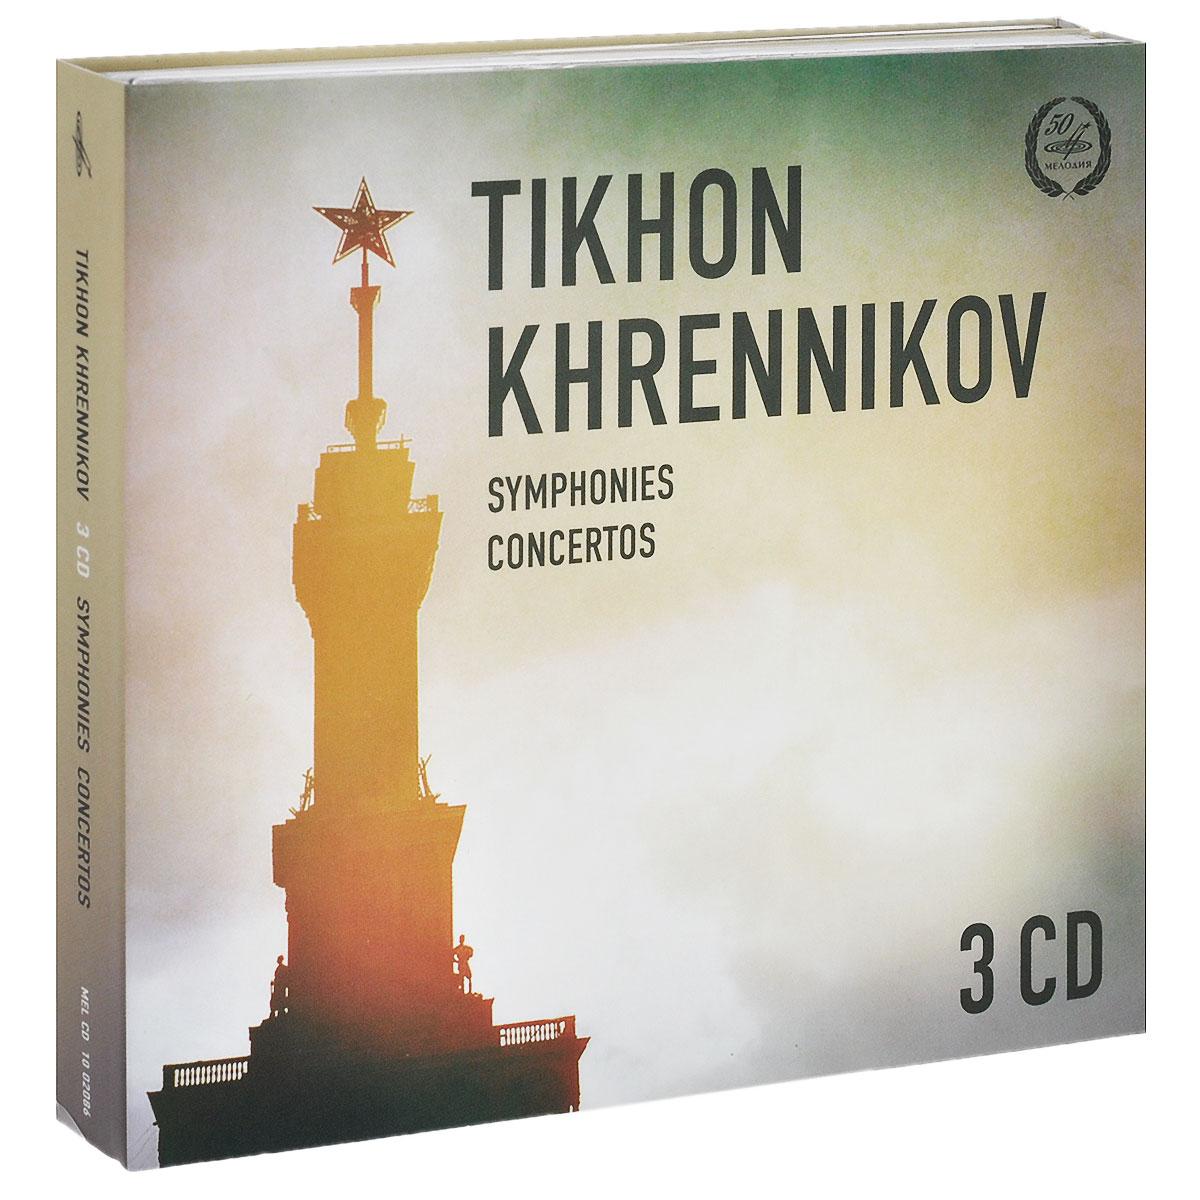 Издание содержит 24-страничный буклет с дополнительной информацией на русском, английском и французском языках.